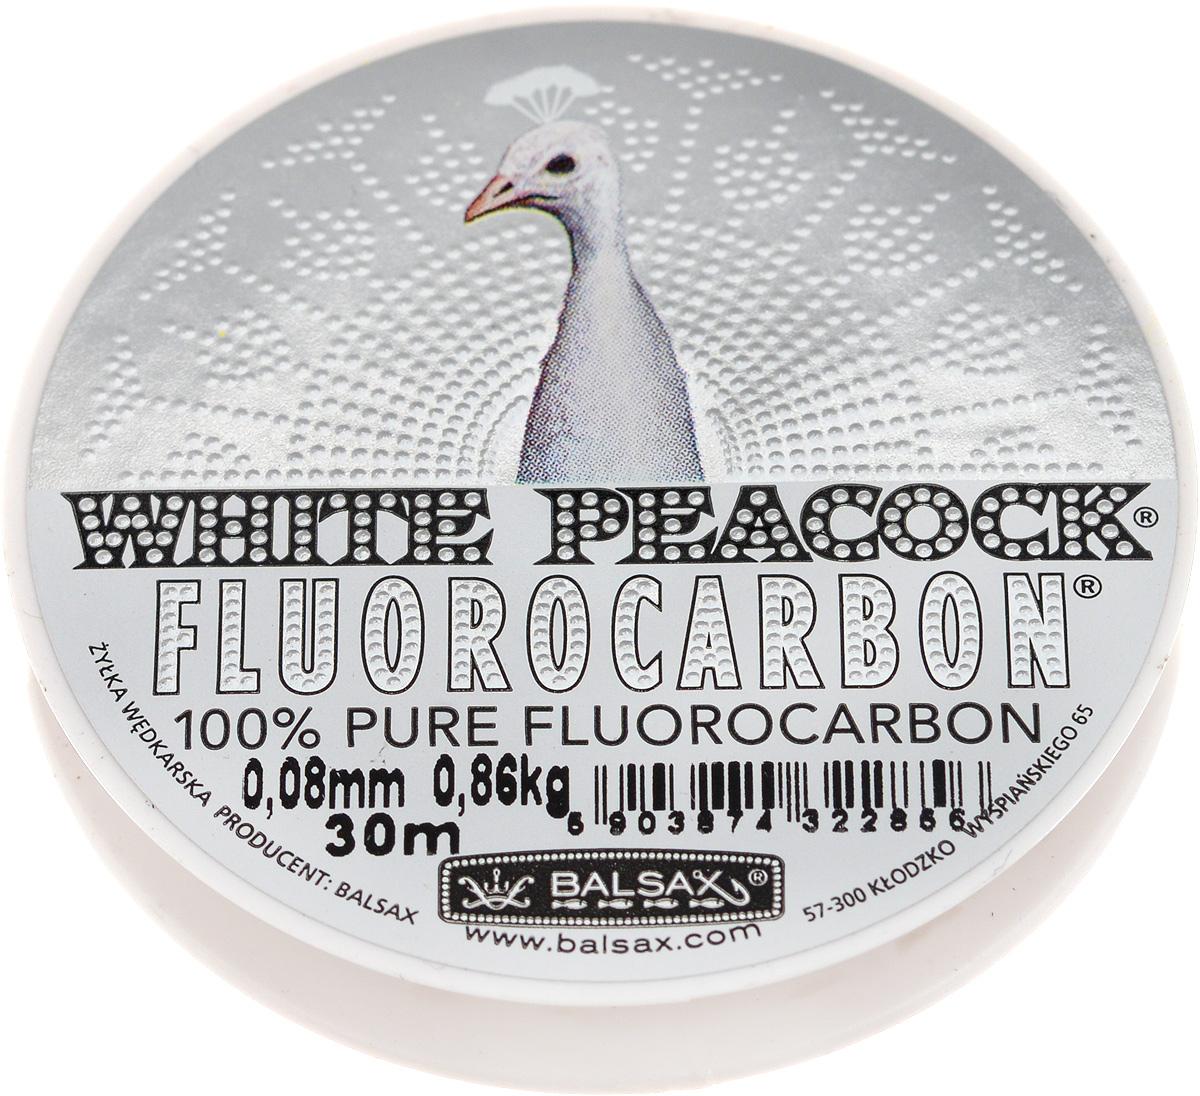 Леска флюорокарбоновая Balsax White Peacock, 30 м, 0,08 мм, 0,86 кг310-15008Флюорокарбоновая леска Balsax White Peacock становится абсолютно невидимой в воде. Обычные лески отражают световые лучи, поэтому рыбы их обнаруживают. Флюорокарбон имеет приближенный к воде коэффициент преломления, поэтому пропускает сквозь себя свет, не давая отражений. Рыбы не видят флюорокарбон. Многие рыболовы во всем мире используют подобные лески в качестве поводковых, благодаря чему получают более лучшие результаты. Флюорокарбон на 50% тяжелее обычных лесок и на 78% тяжелее воды. Понятно, почему этот материал используется для рыболовных лесок, он тонет очень быстро. Флюорокарбон не впитывает воду даже через 100 часов нахождения в ней. Обычные лески впитывают до 10% воды в течение 24 часов, что приводит к потере 5 - 10% прочности. Сопротивляемость флюорокарбона к истиранию значительно больше, чем у обычных лесок. Он выдерживает температуры от -40°C до +160°C.